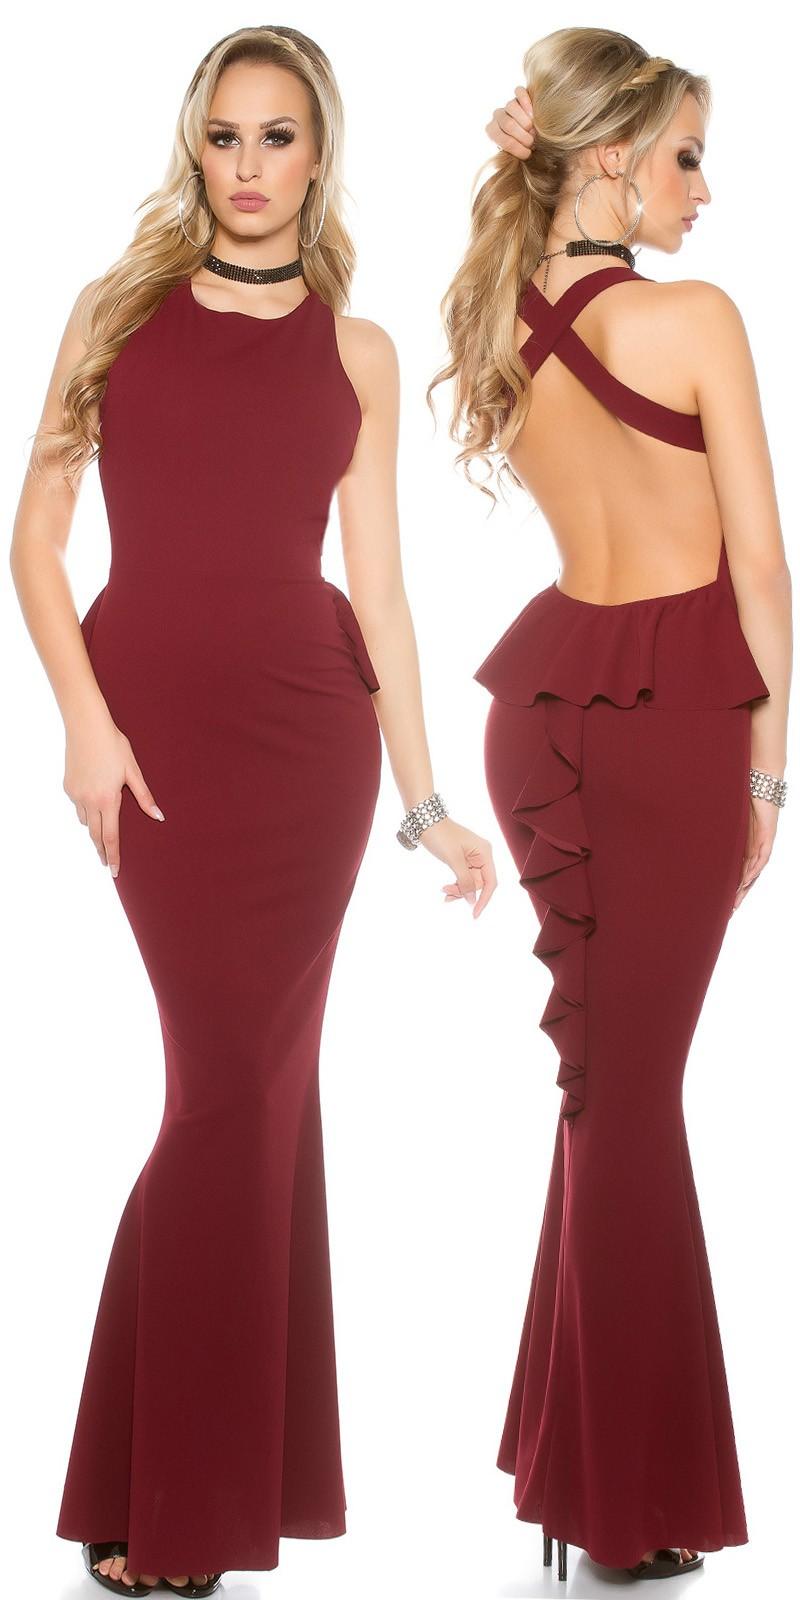 331d89f8d1 Nyitott hátú fodros női hosszú alkalmi ruha estélyi ruha - Bordó Onesize